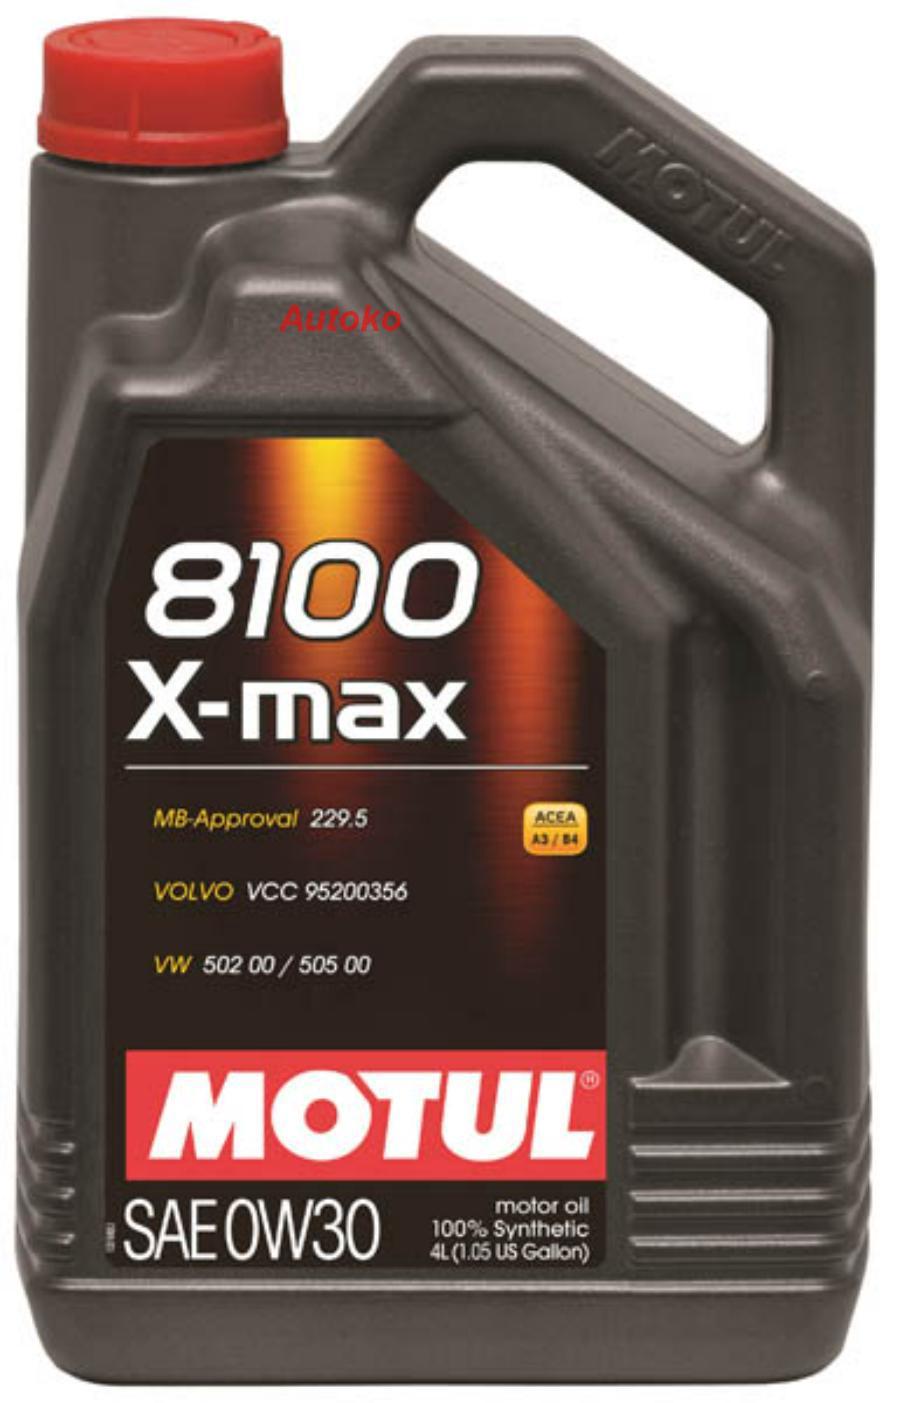 Масло моторное синтетическое 8100 X-max 0W-30, 4л